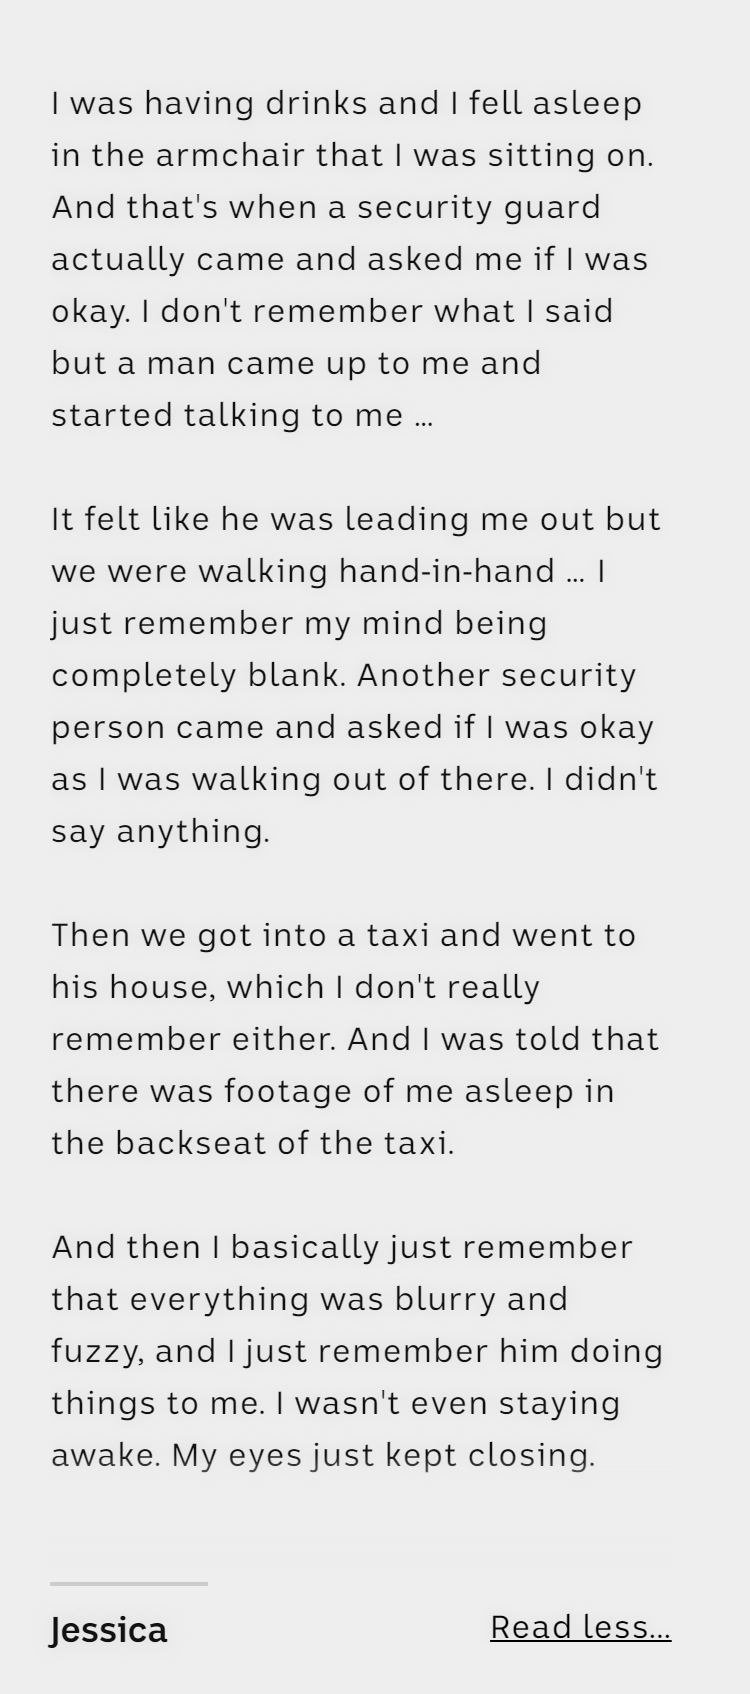 Jessica describes her sexual assault